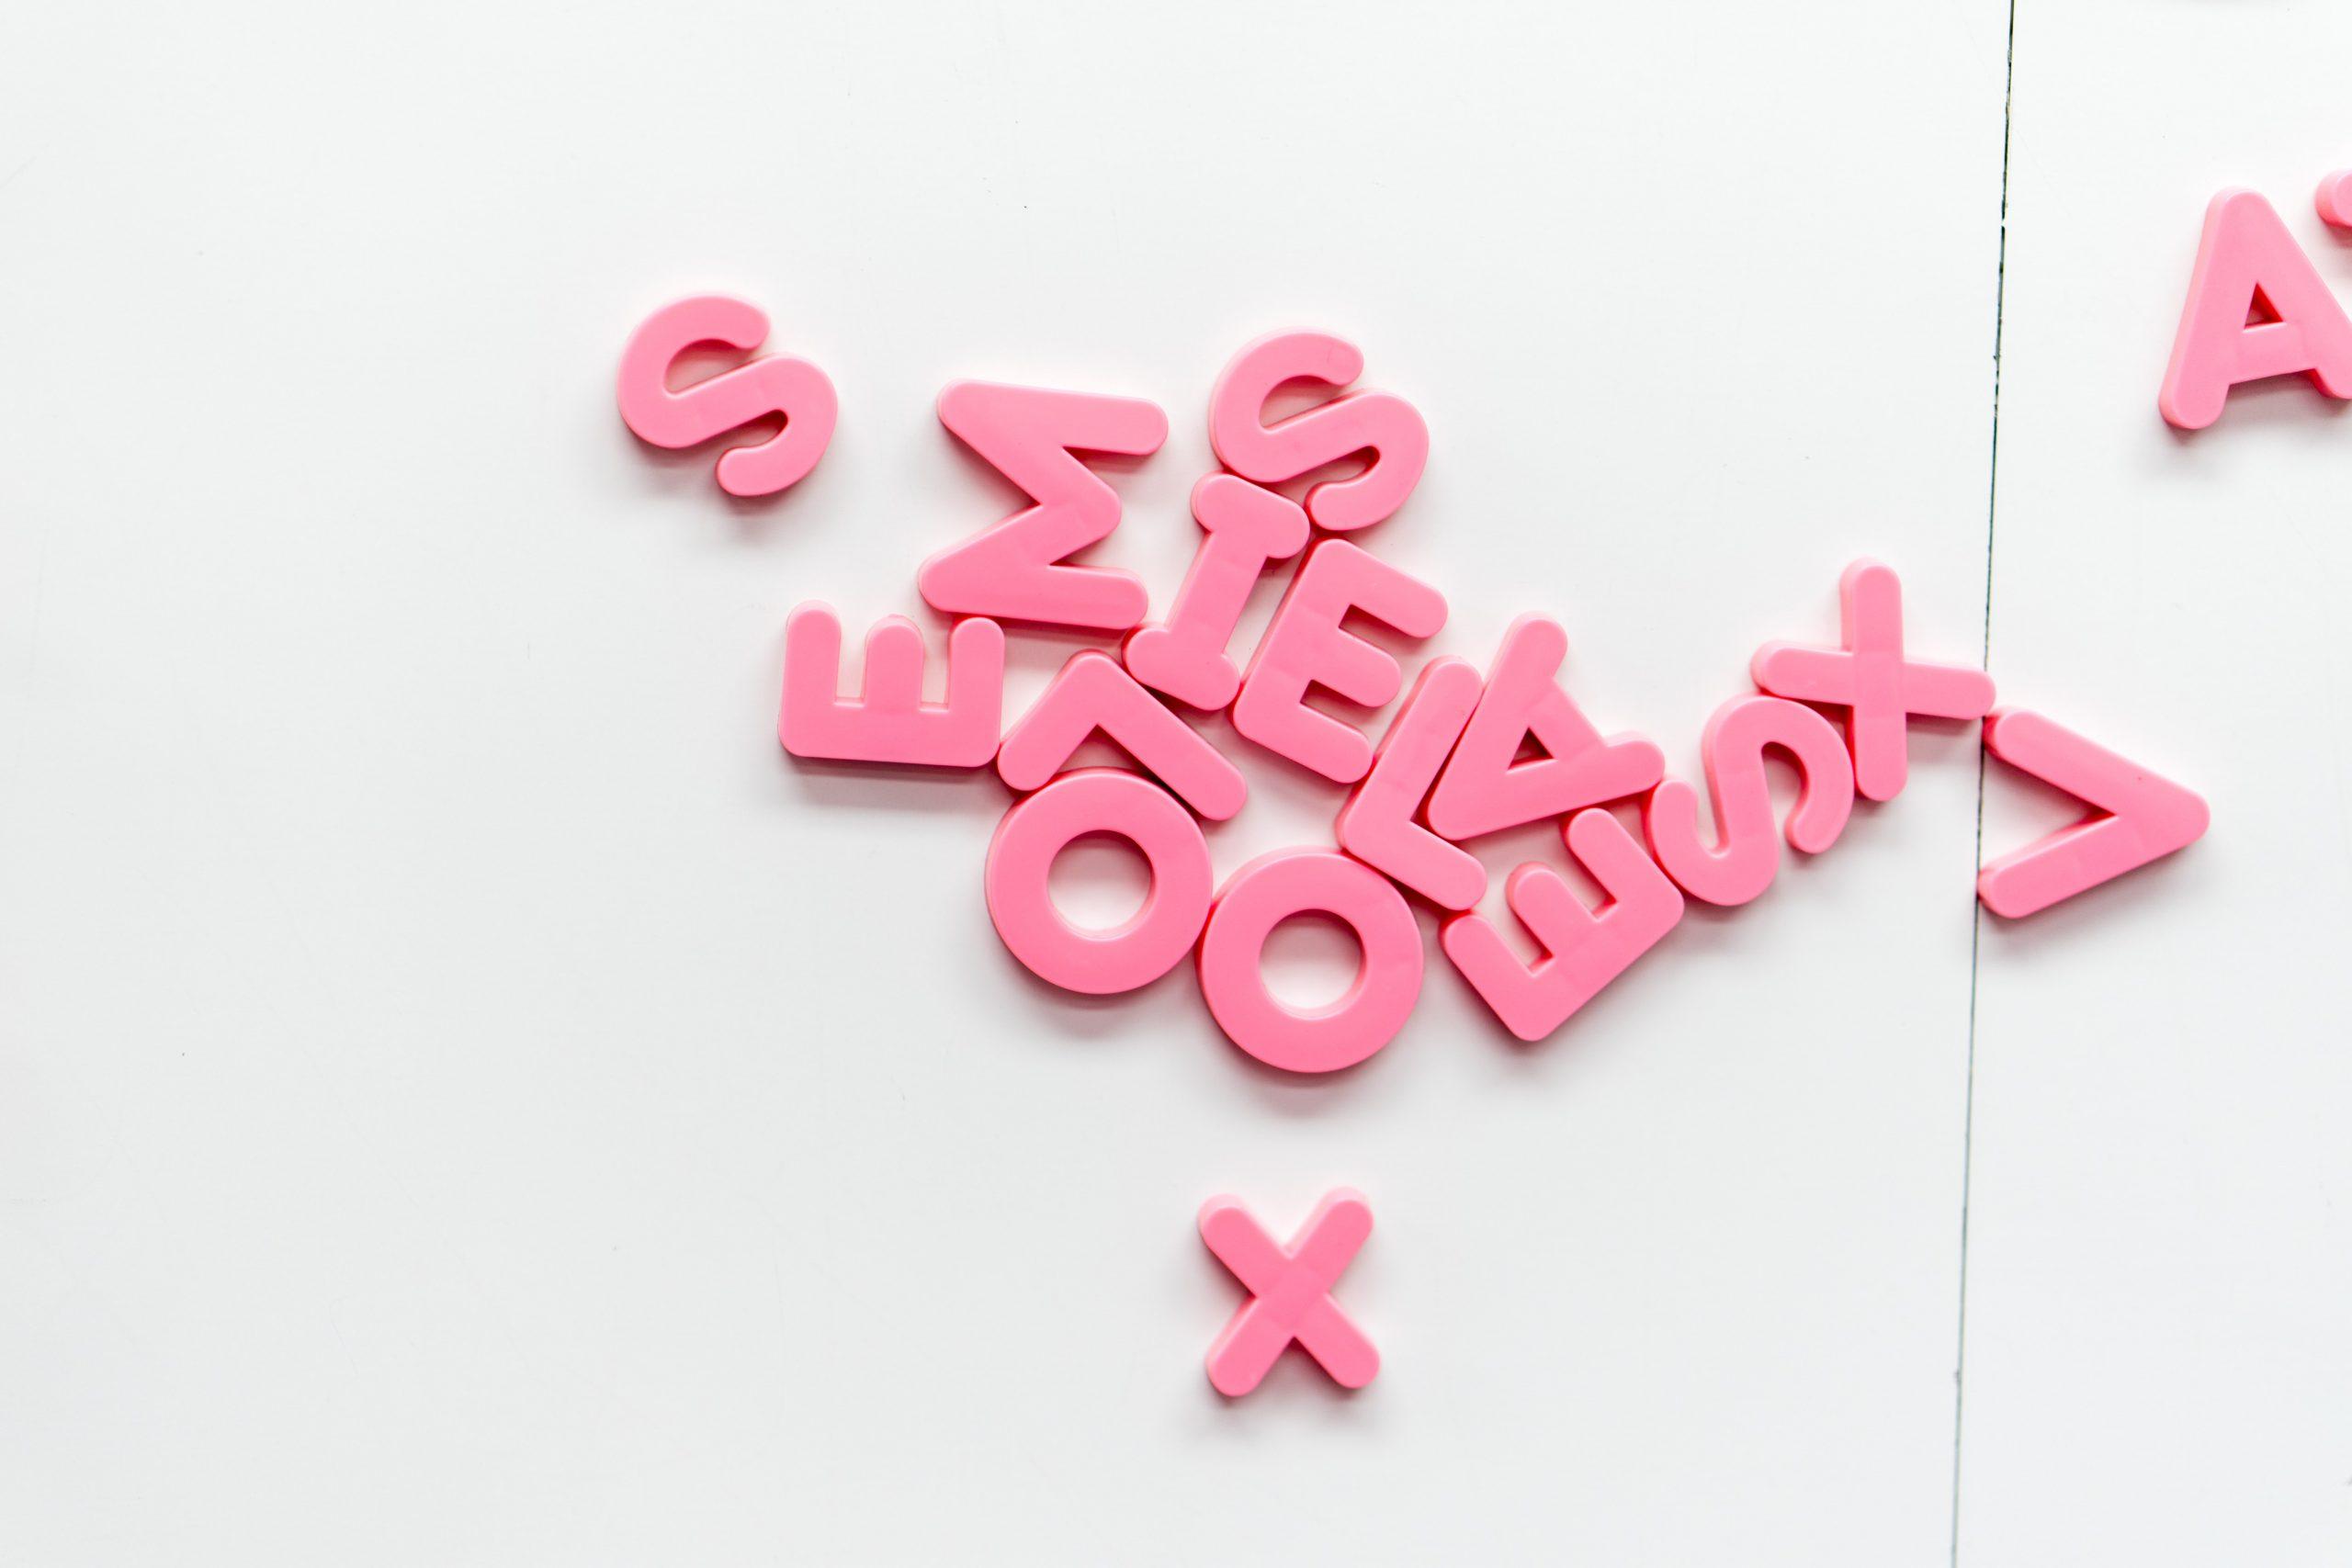 letras salteadas de color rosa